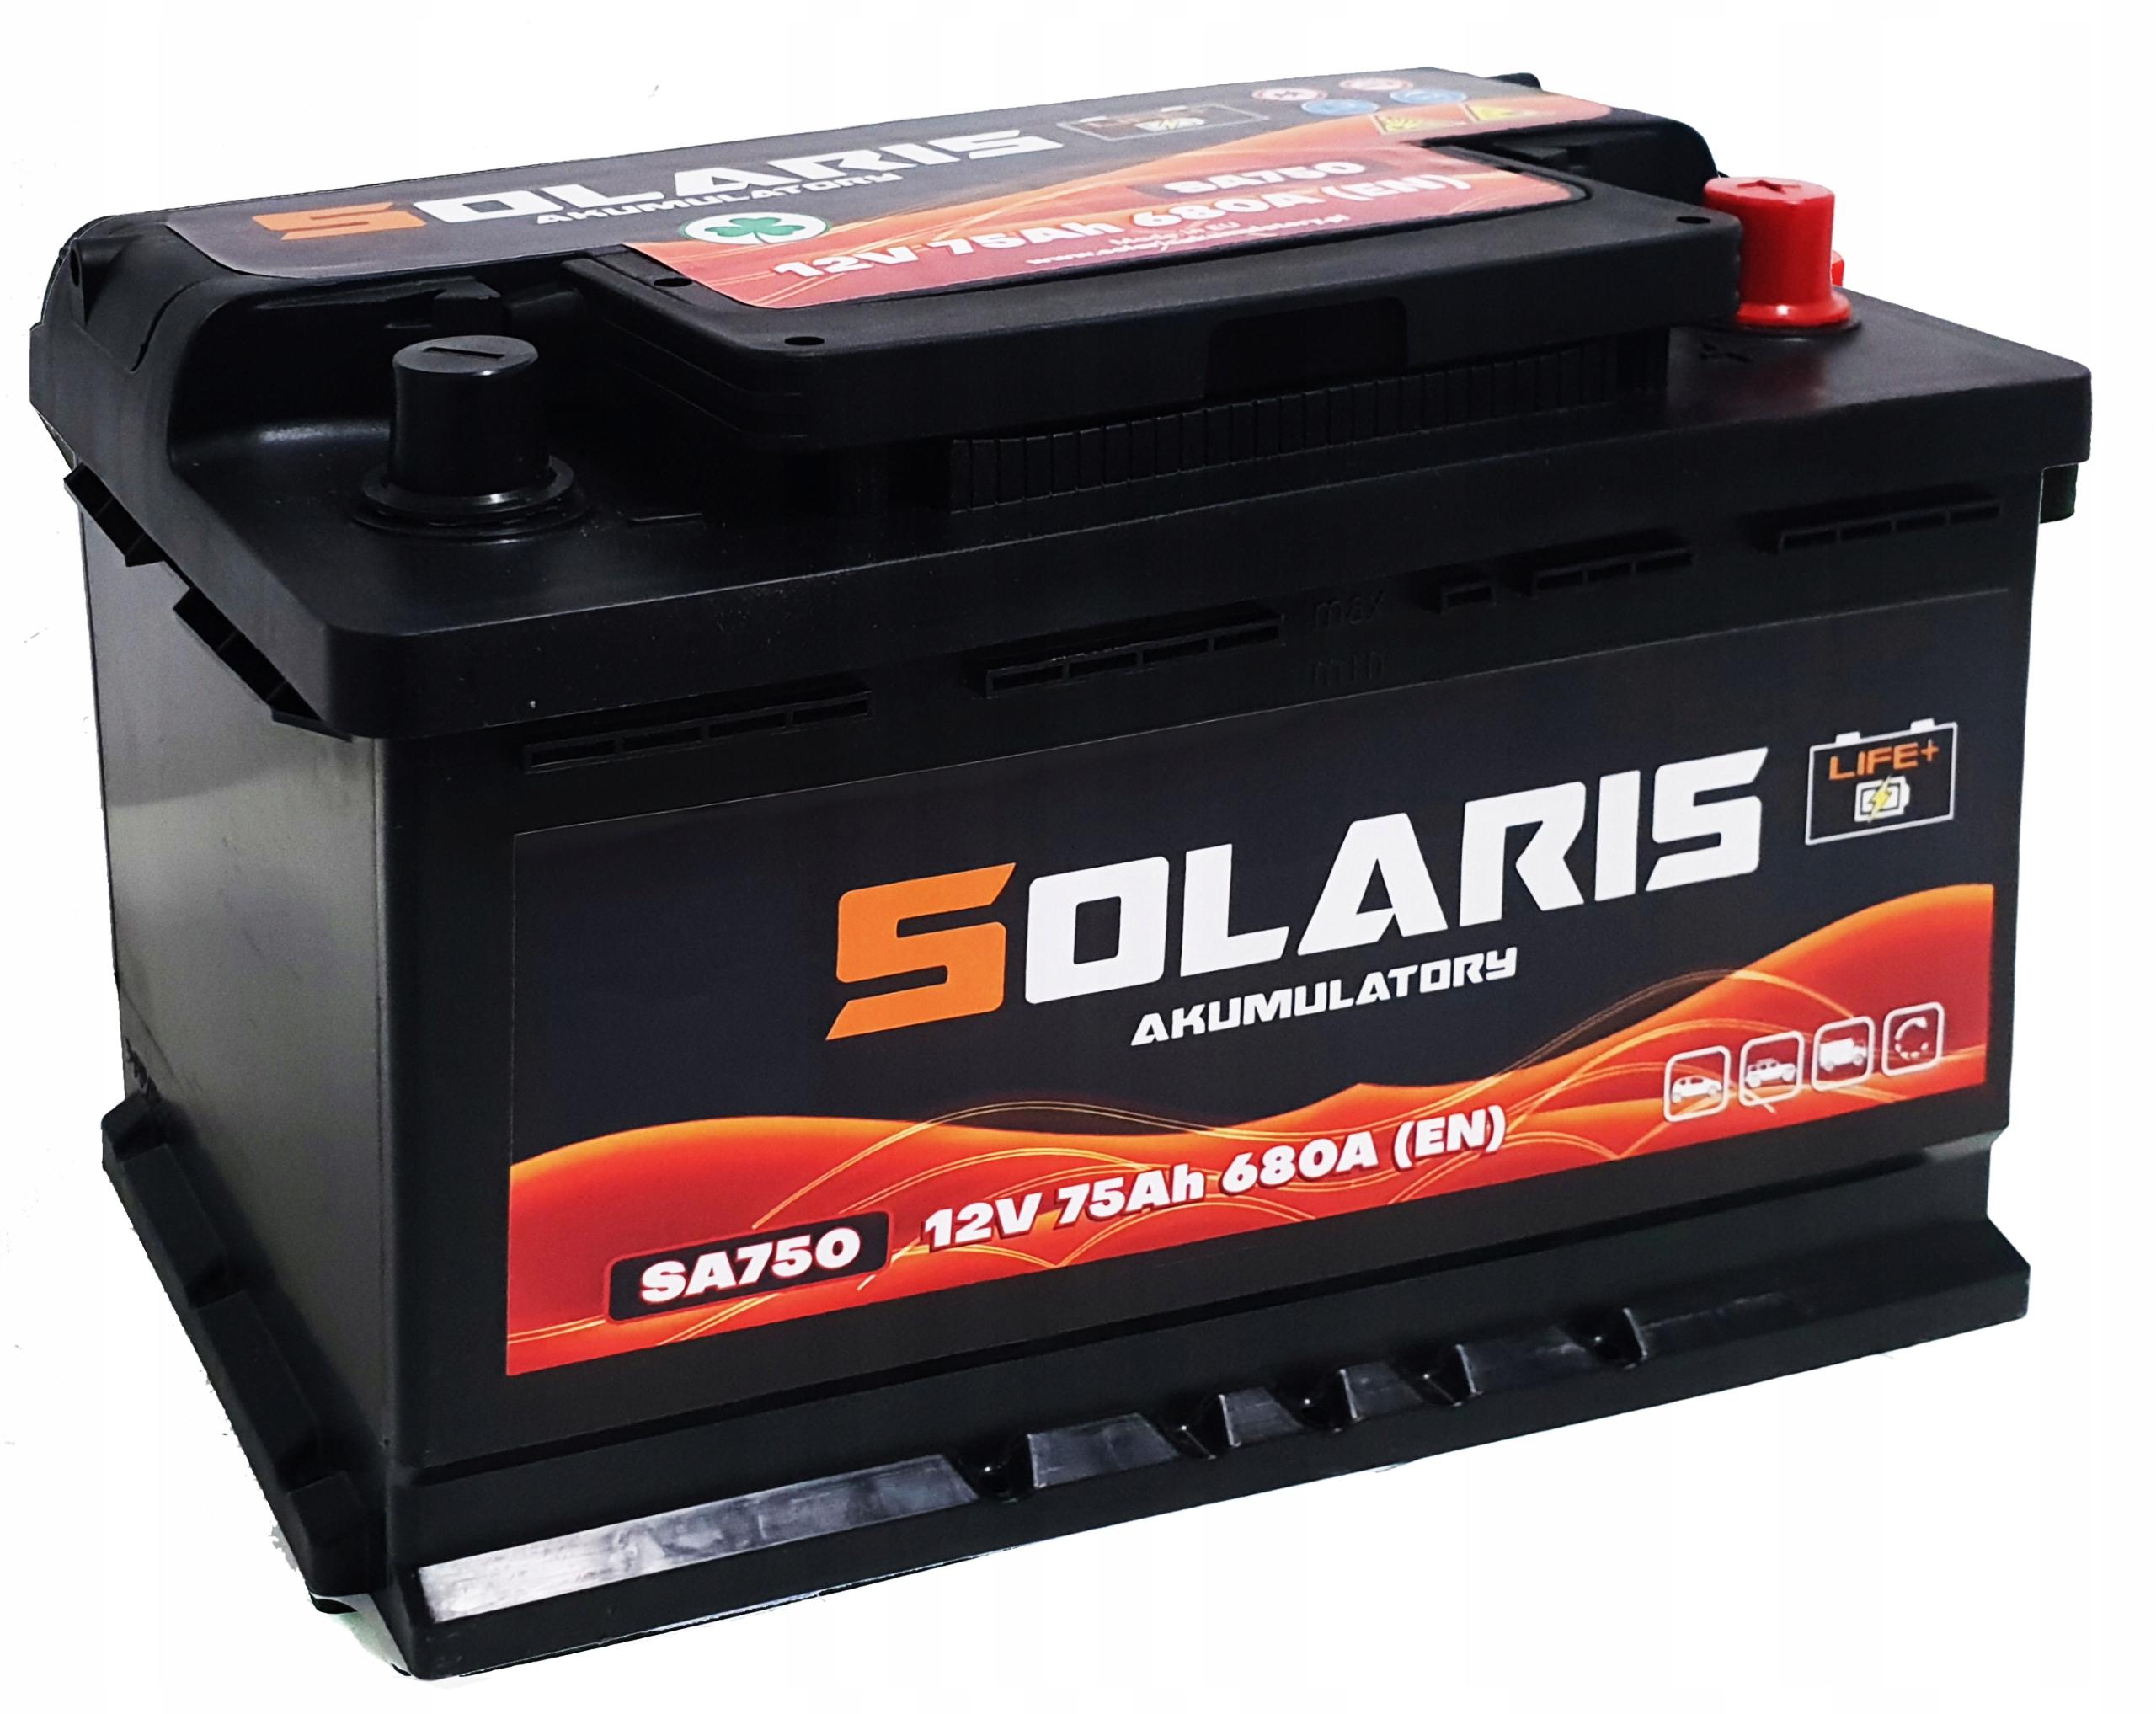 аккумулятор solaris они 74ah 75ah 680a